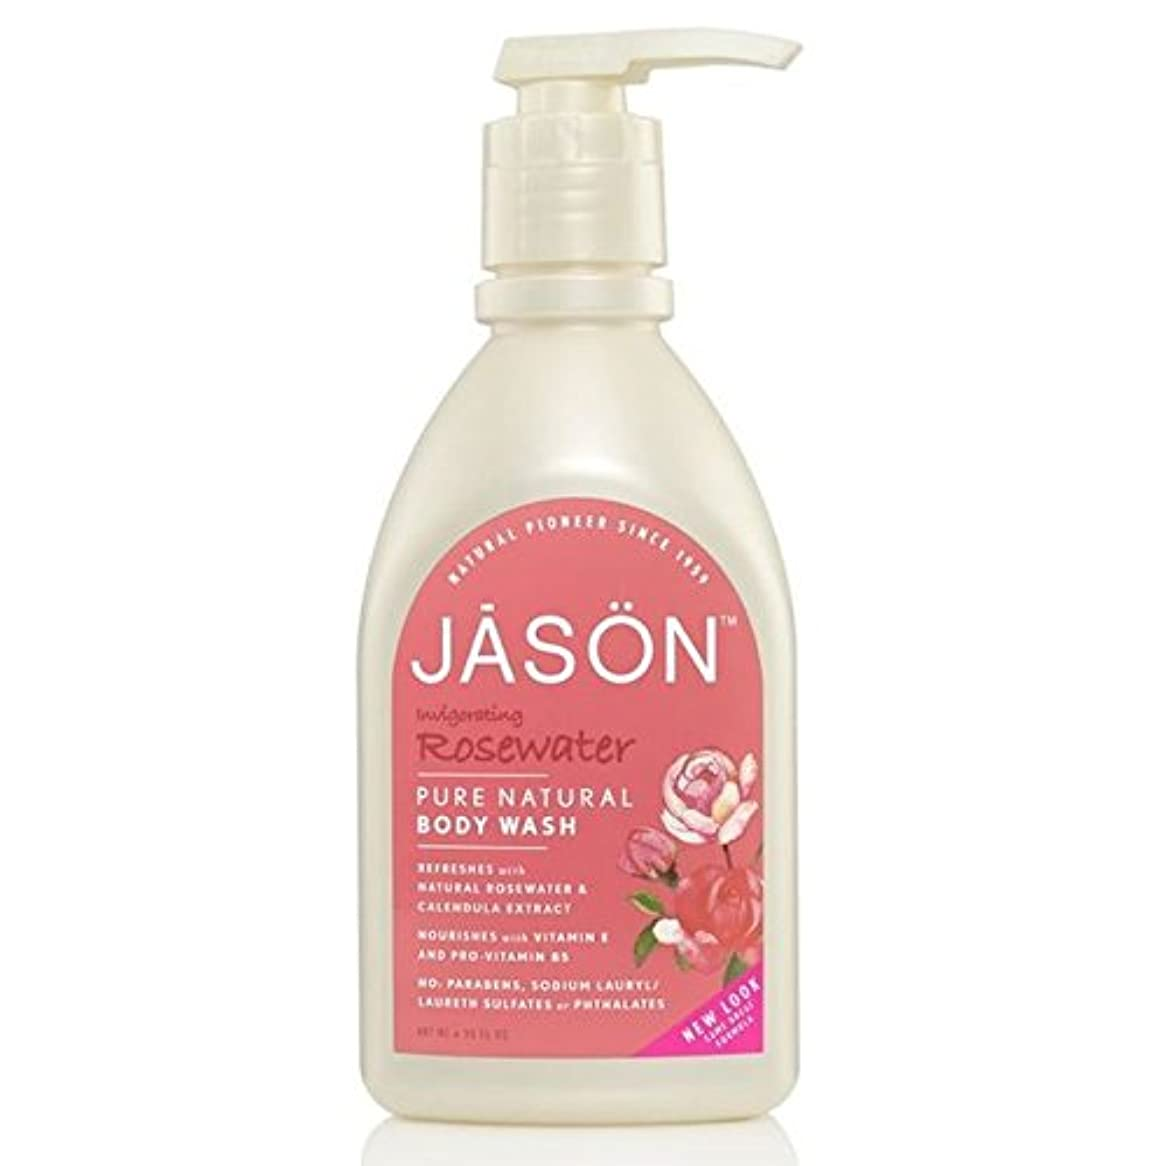 でる気まぐれな期待してジェイソン?ボディウォッシュローズウォーターサテンシャワー900ミリリットル x2 - Jason Body Wash Rosewater Satin Shower 900ml (Pack of 2) [並行輸入品]